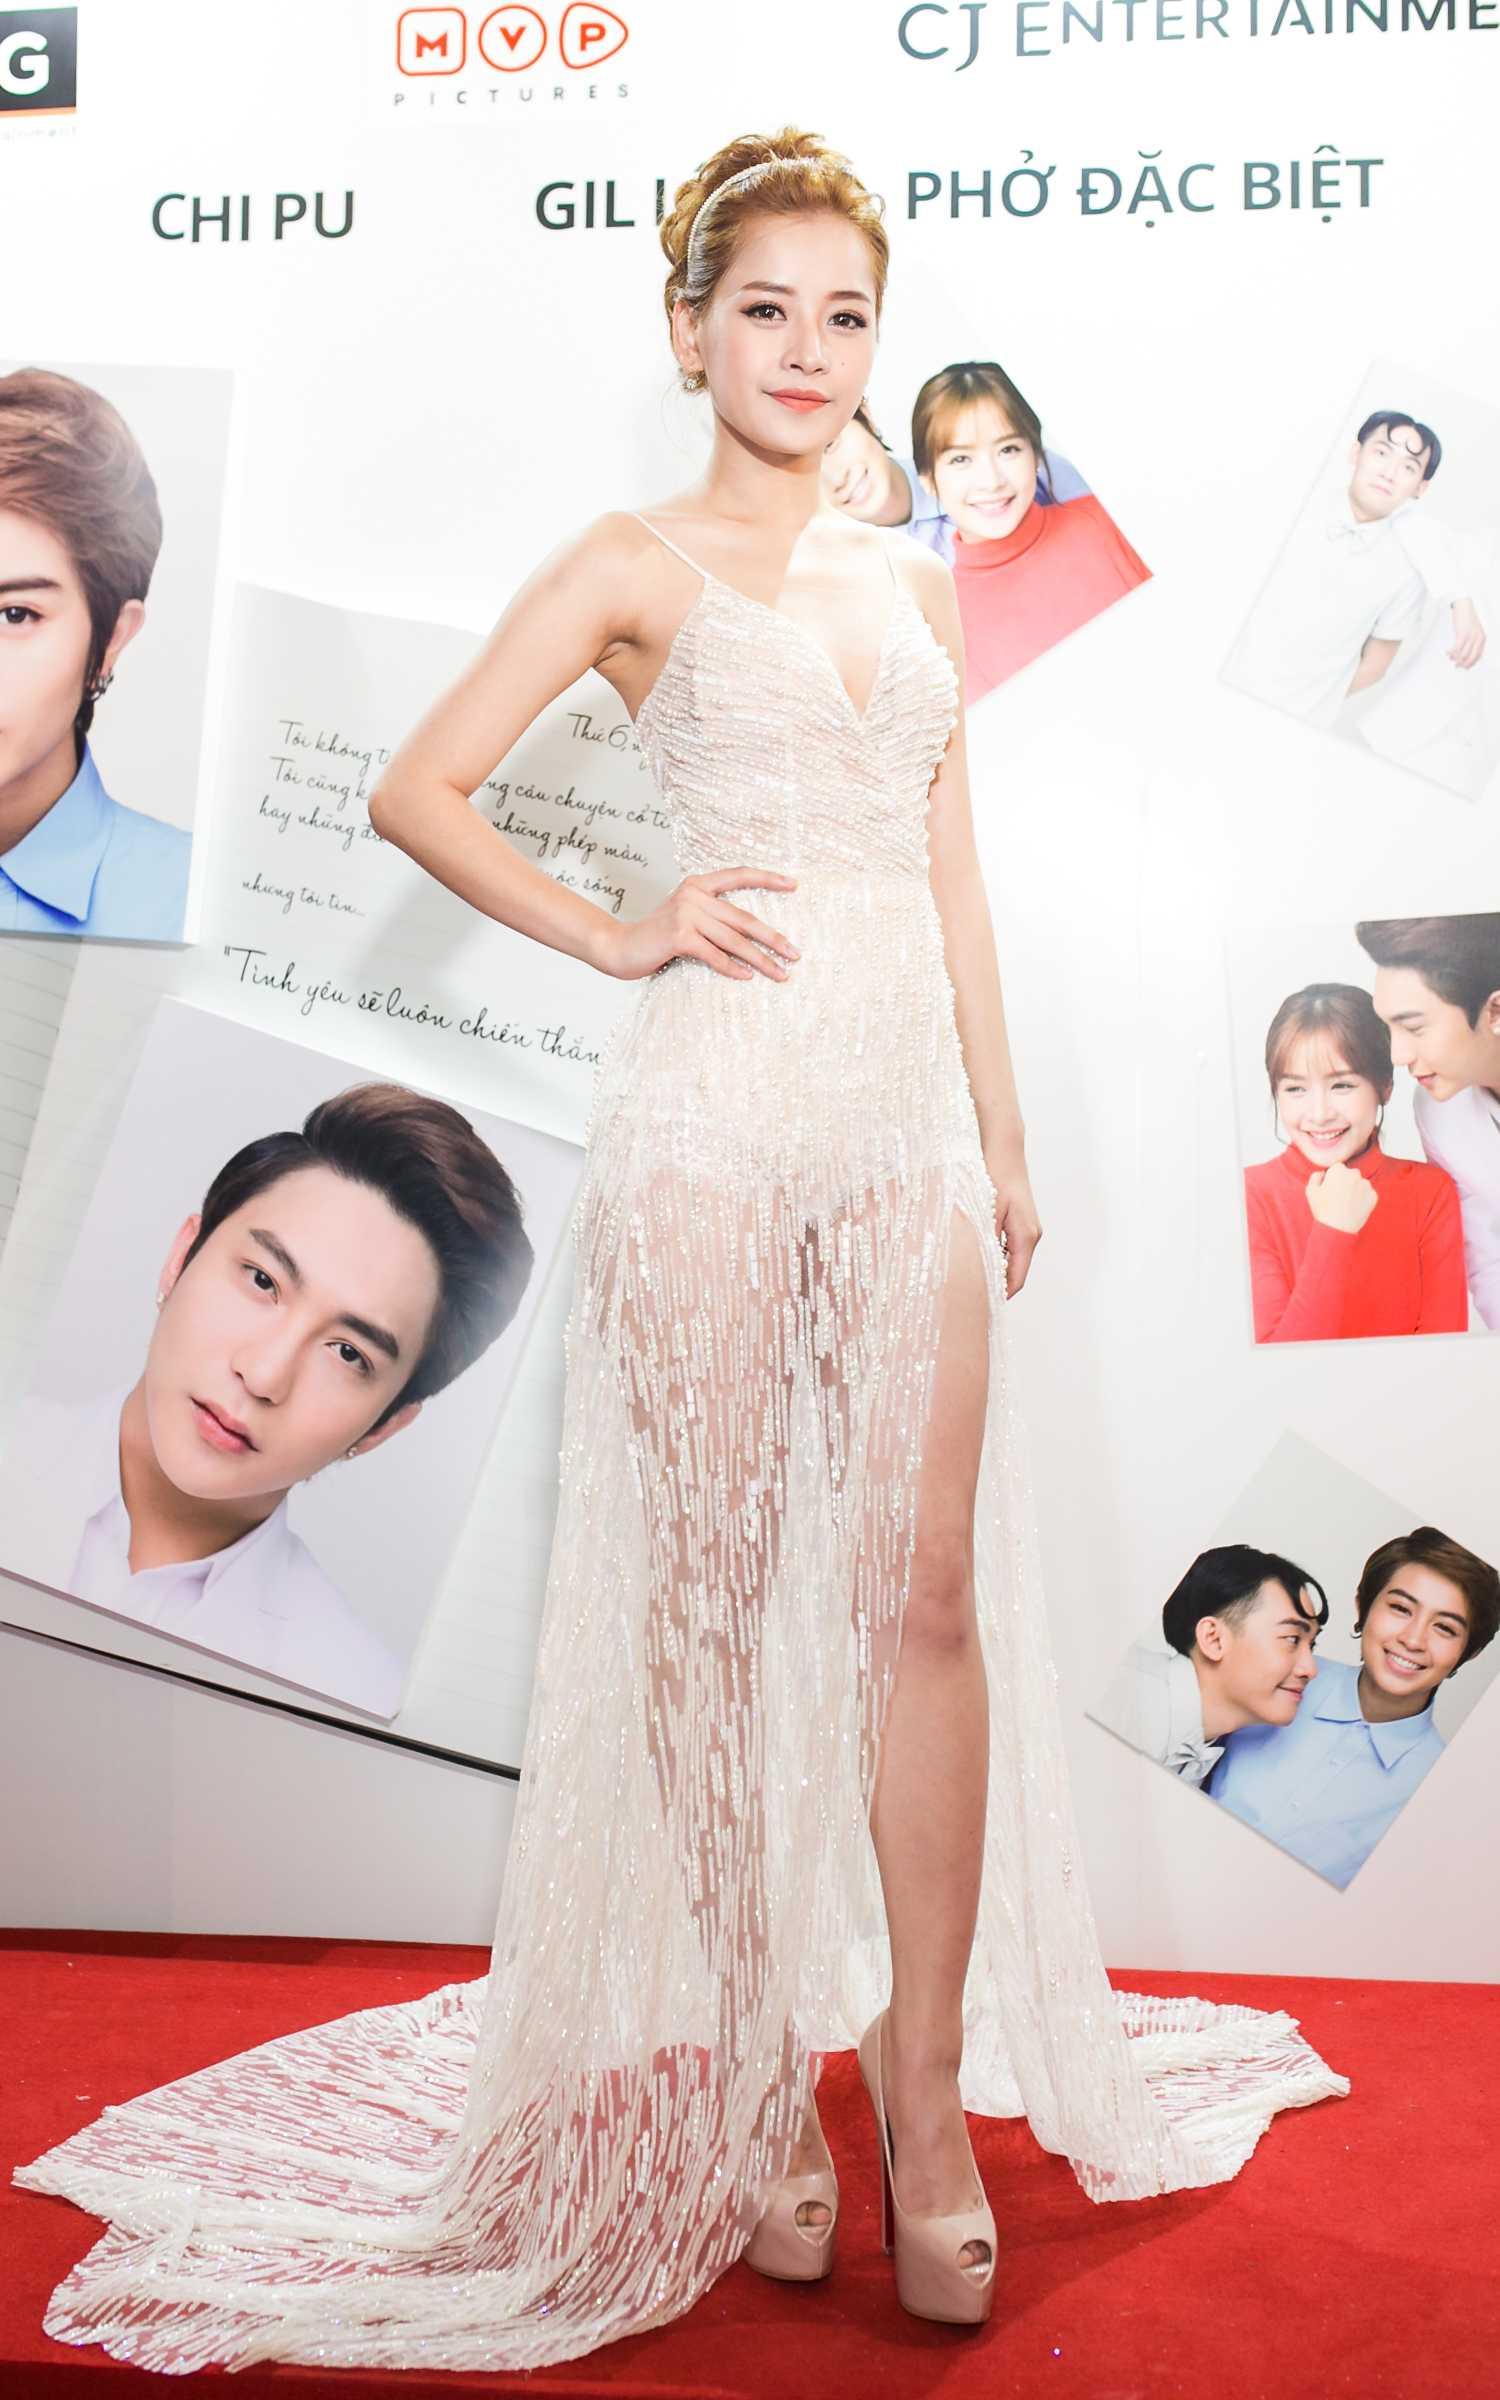 Trong buổi ra mắt, Chi Pu đẹp gợi cảm với thiết kế ấn tượng.